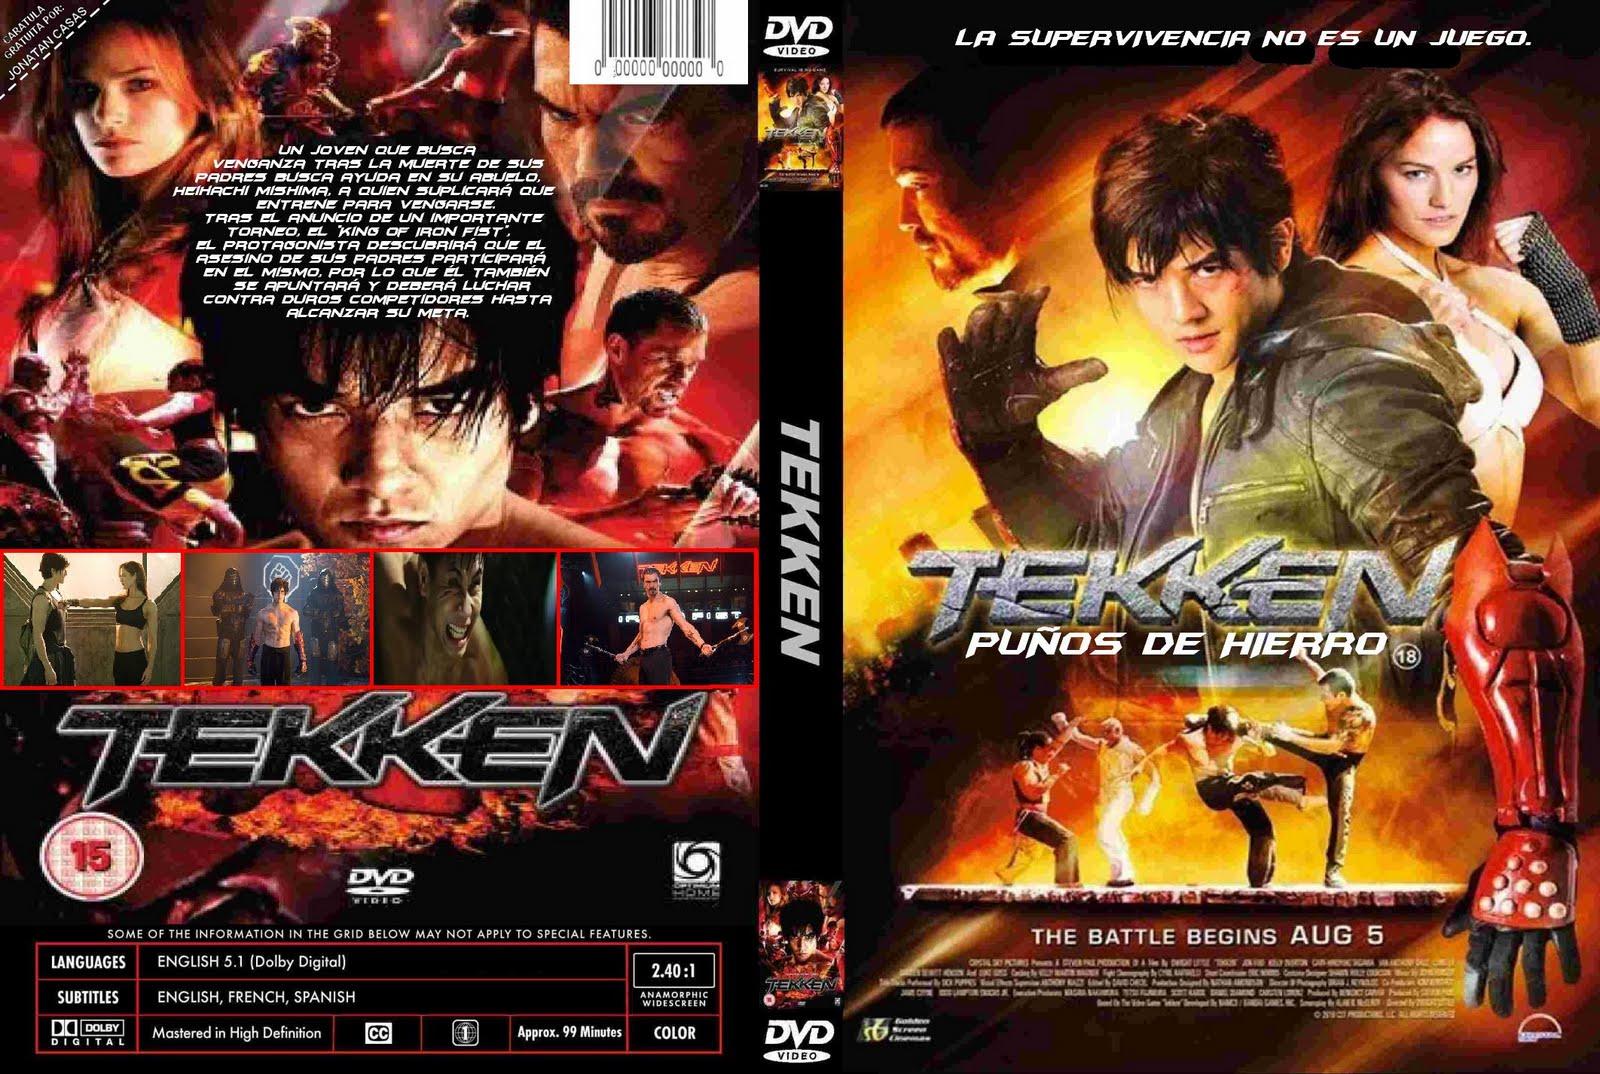 حصريا فيلم Tekken 2010 BRRip 450mb - سينما العرب